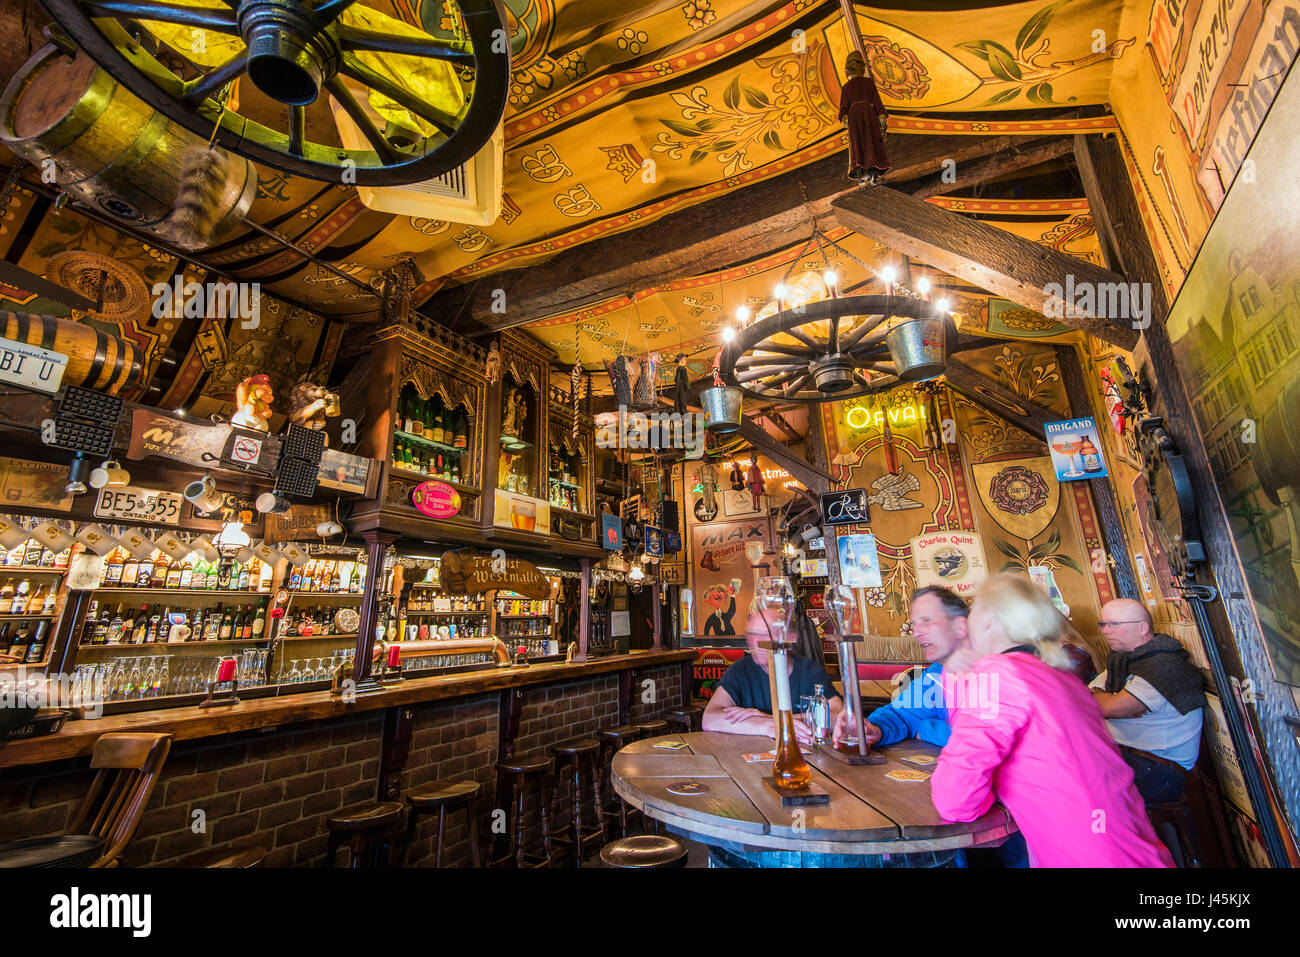 Interior view of Herberg de Dulle Griet, one of best-known beer pubs in Ghent, East Flanders, Belgium - Stock Image